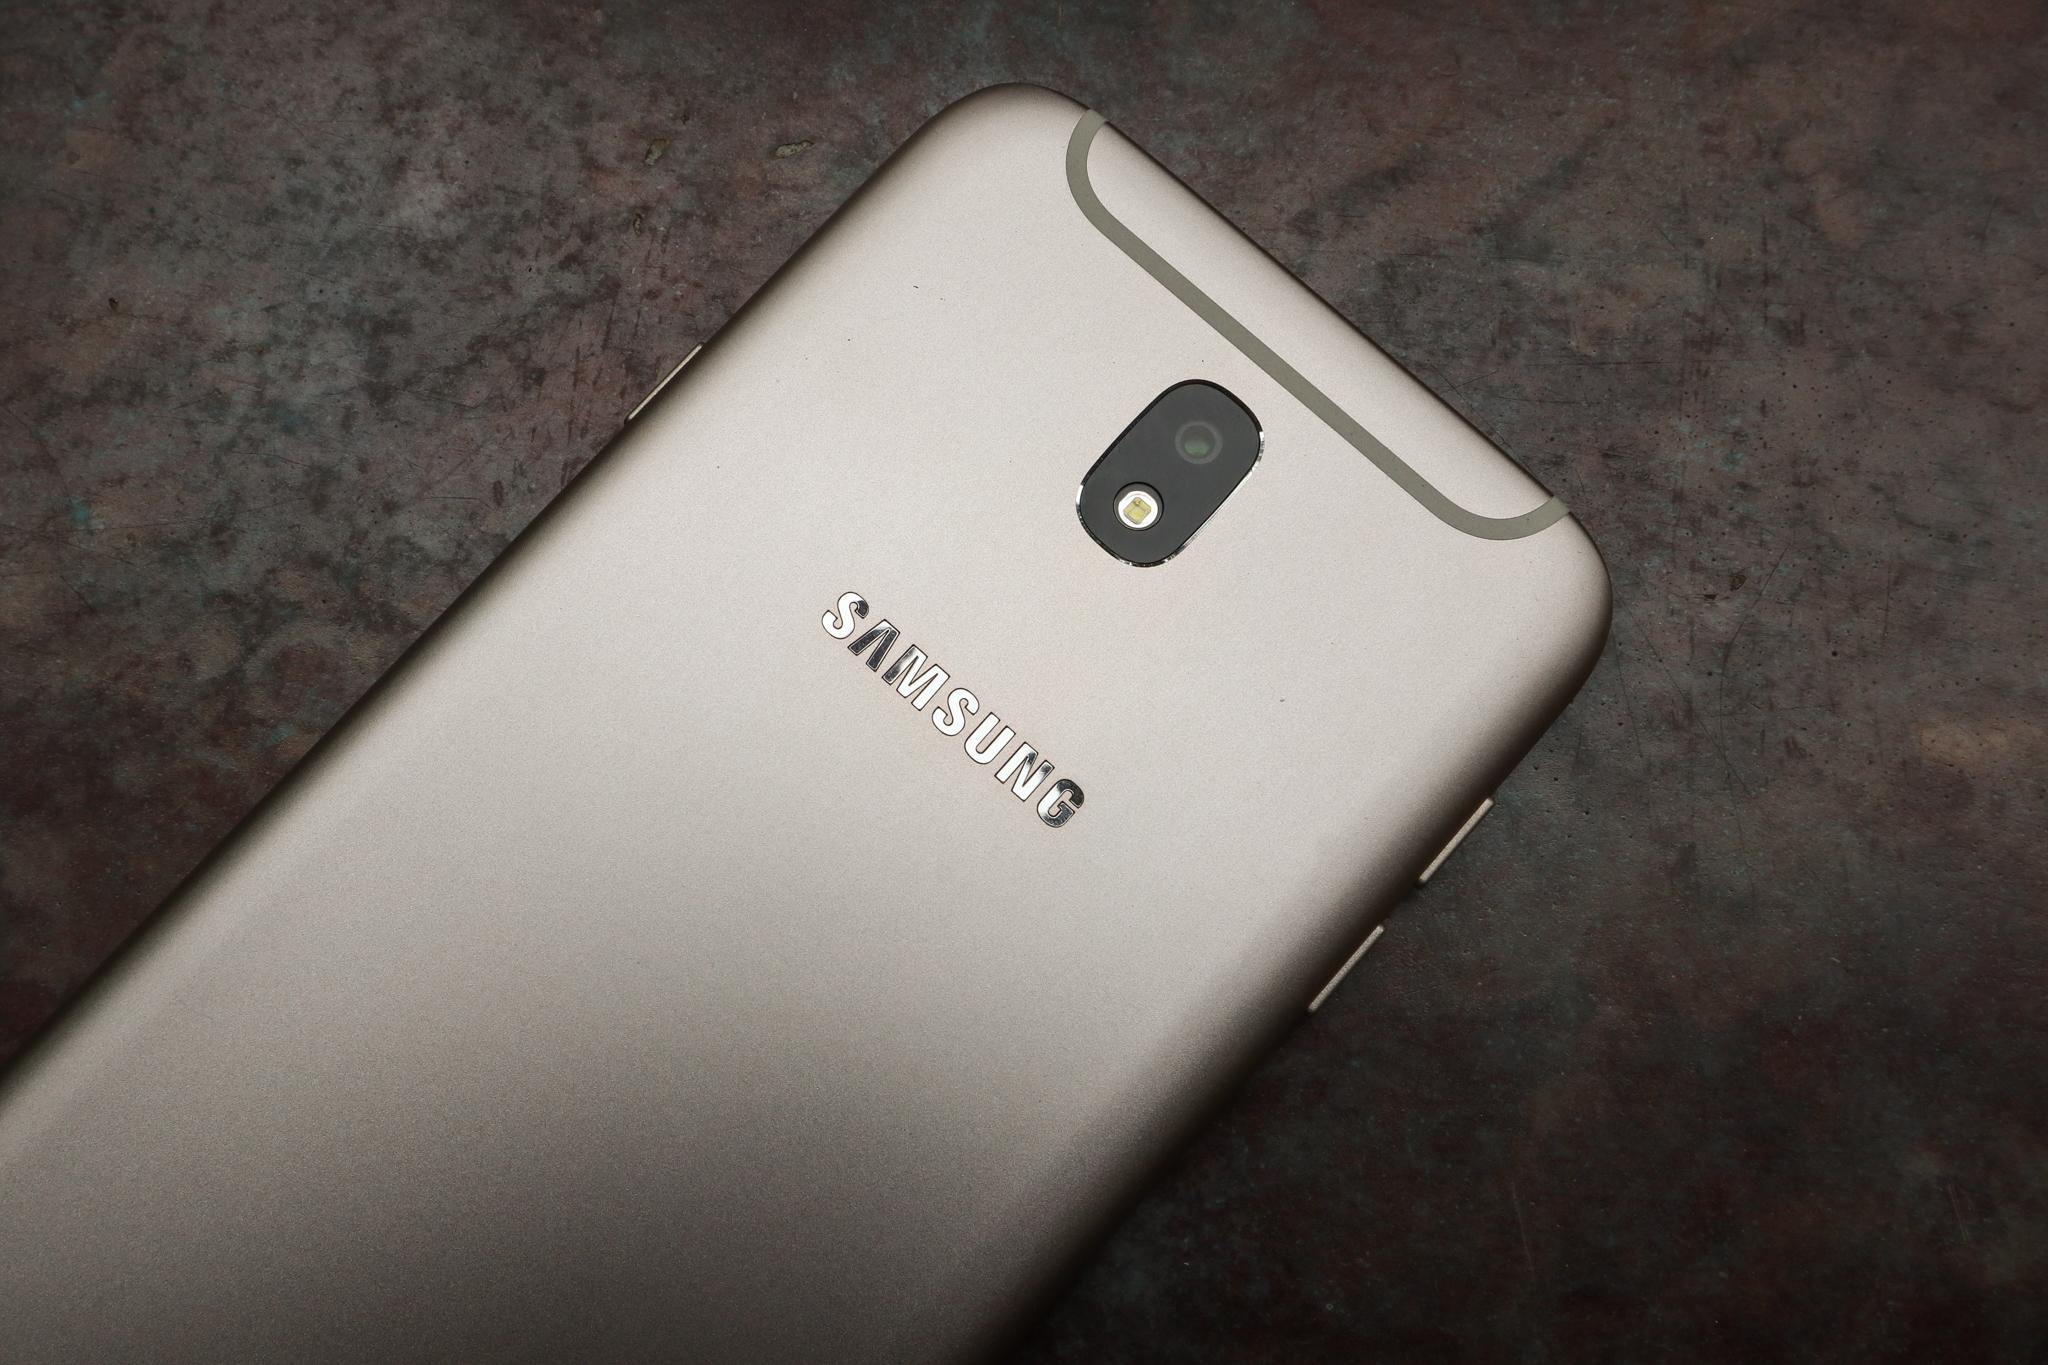 3 lời khẳng định của Samsung thông qua màn ra mắt Galaxy J7 Pro - Ảnh